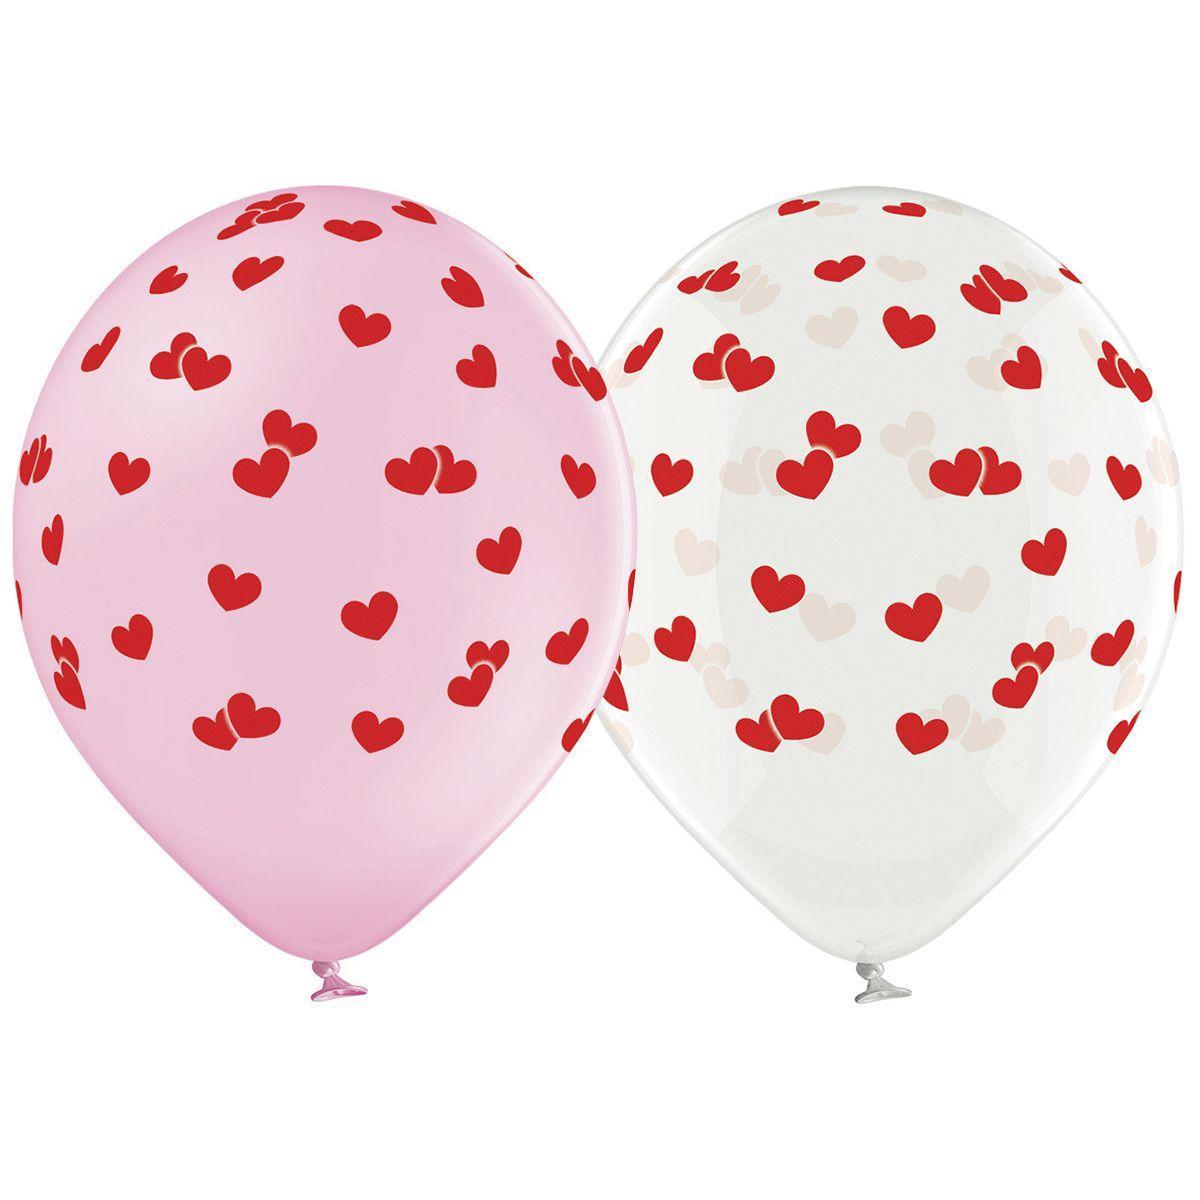 B 105 Латексные шары  сердечки красные маленькие шелкография 30 см